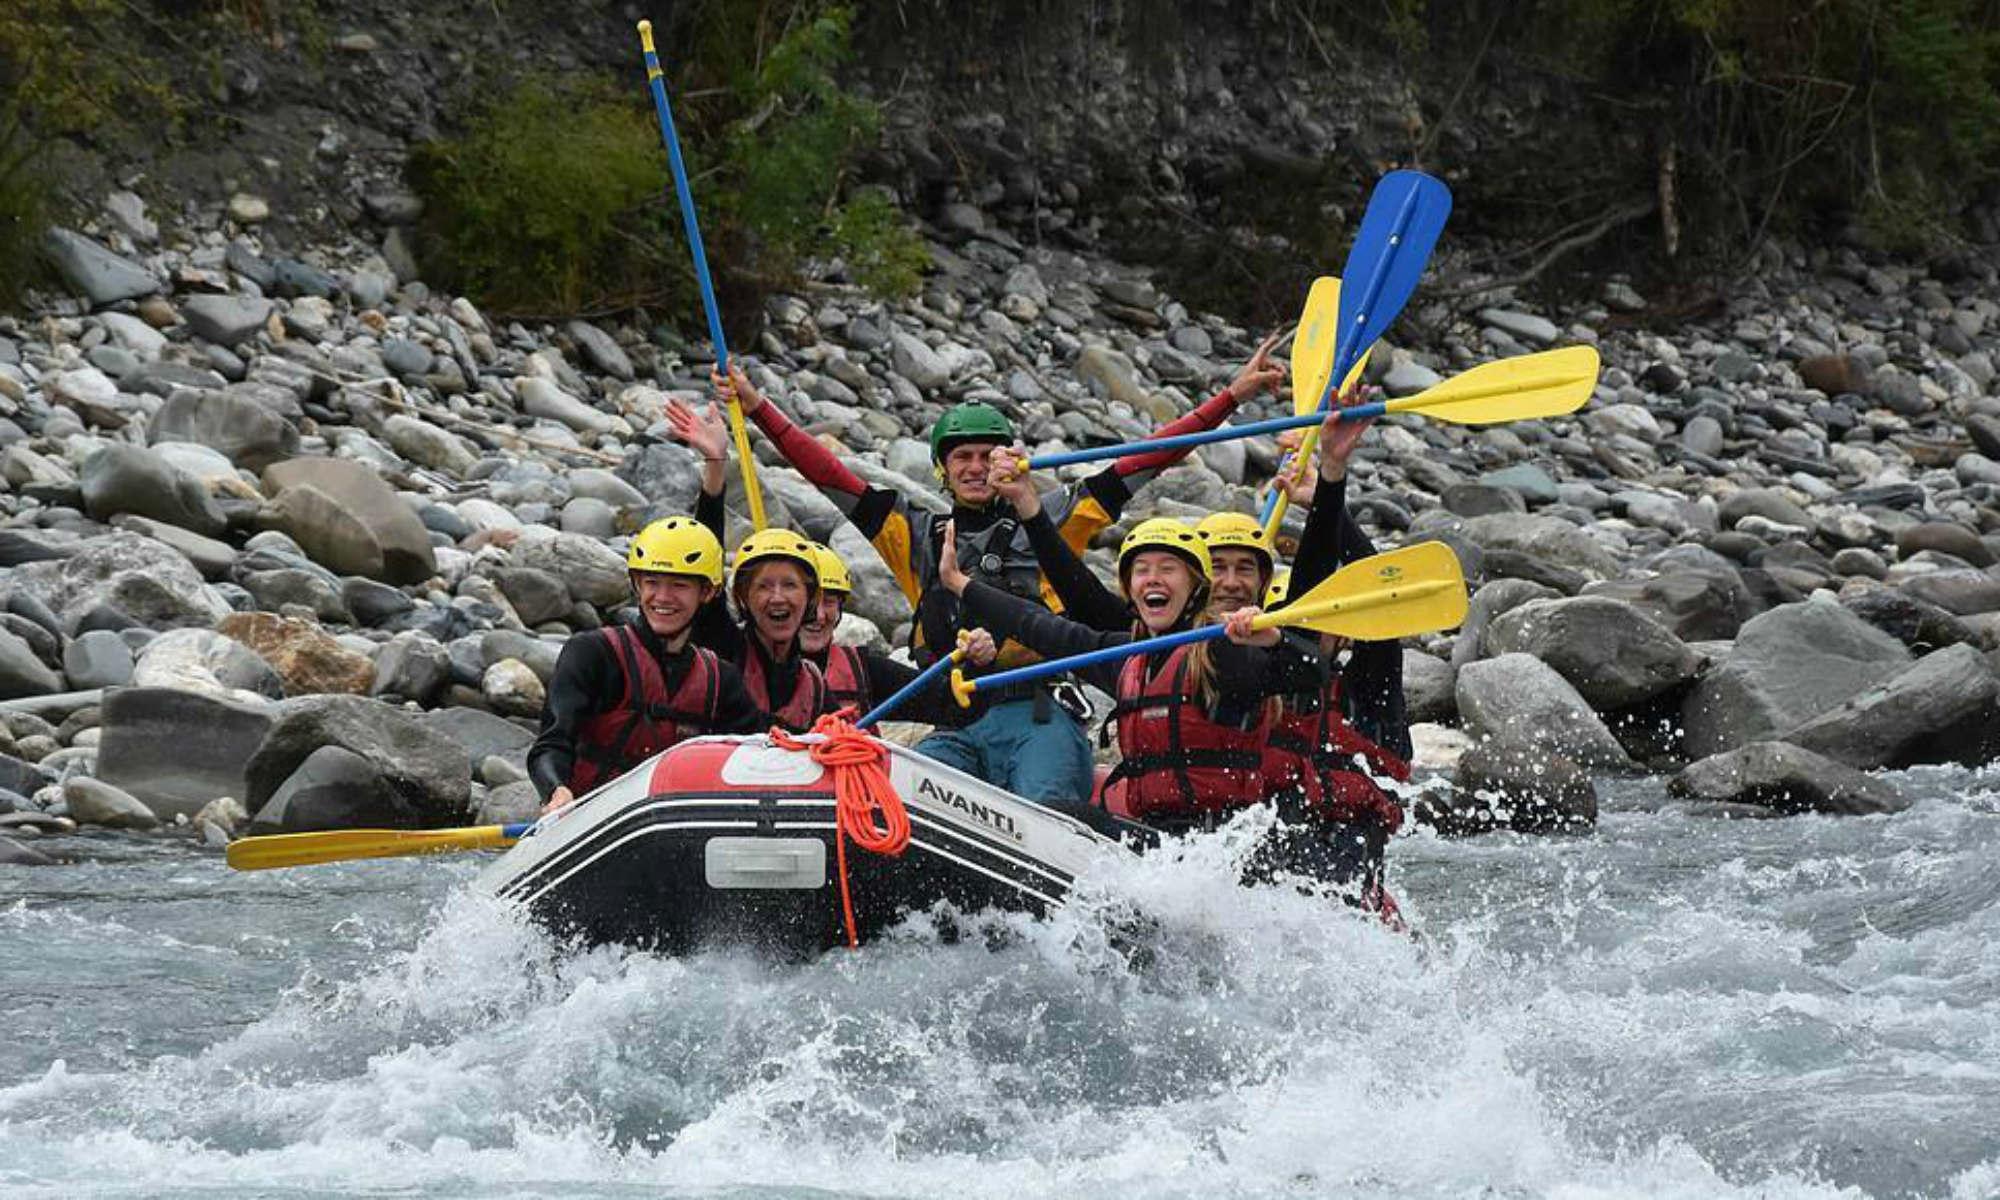 Eine Gruppe von Einsteigern hat Spass beim River Rafting auf dem Vorderrhein.